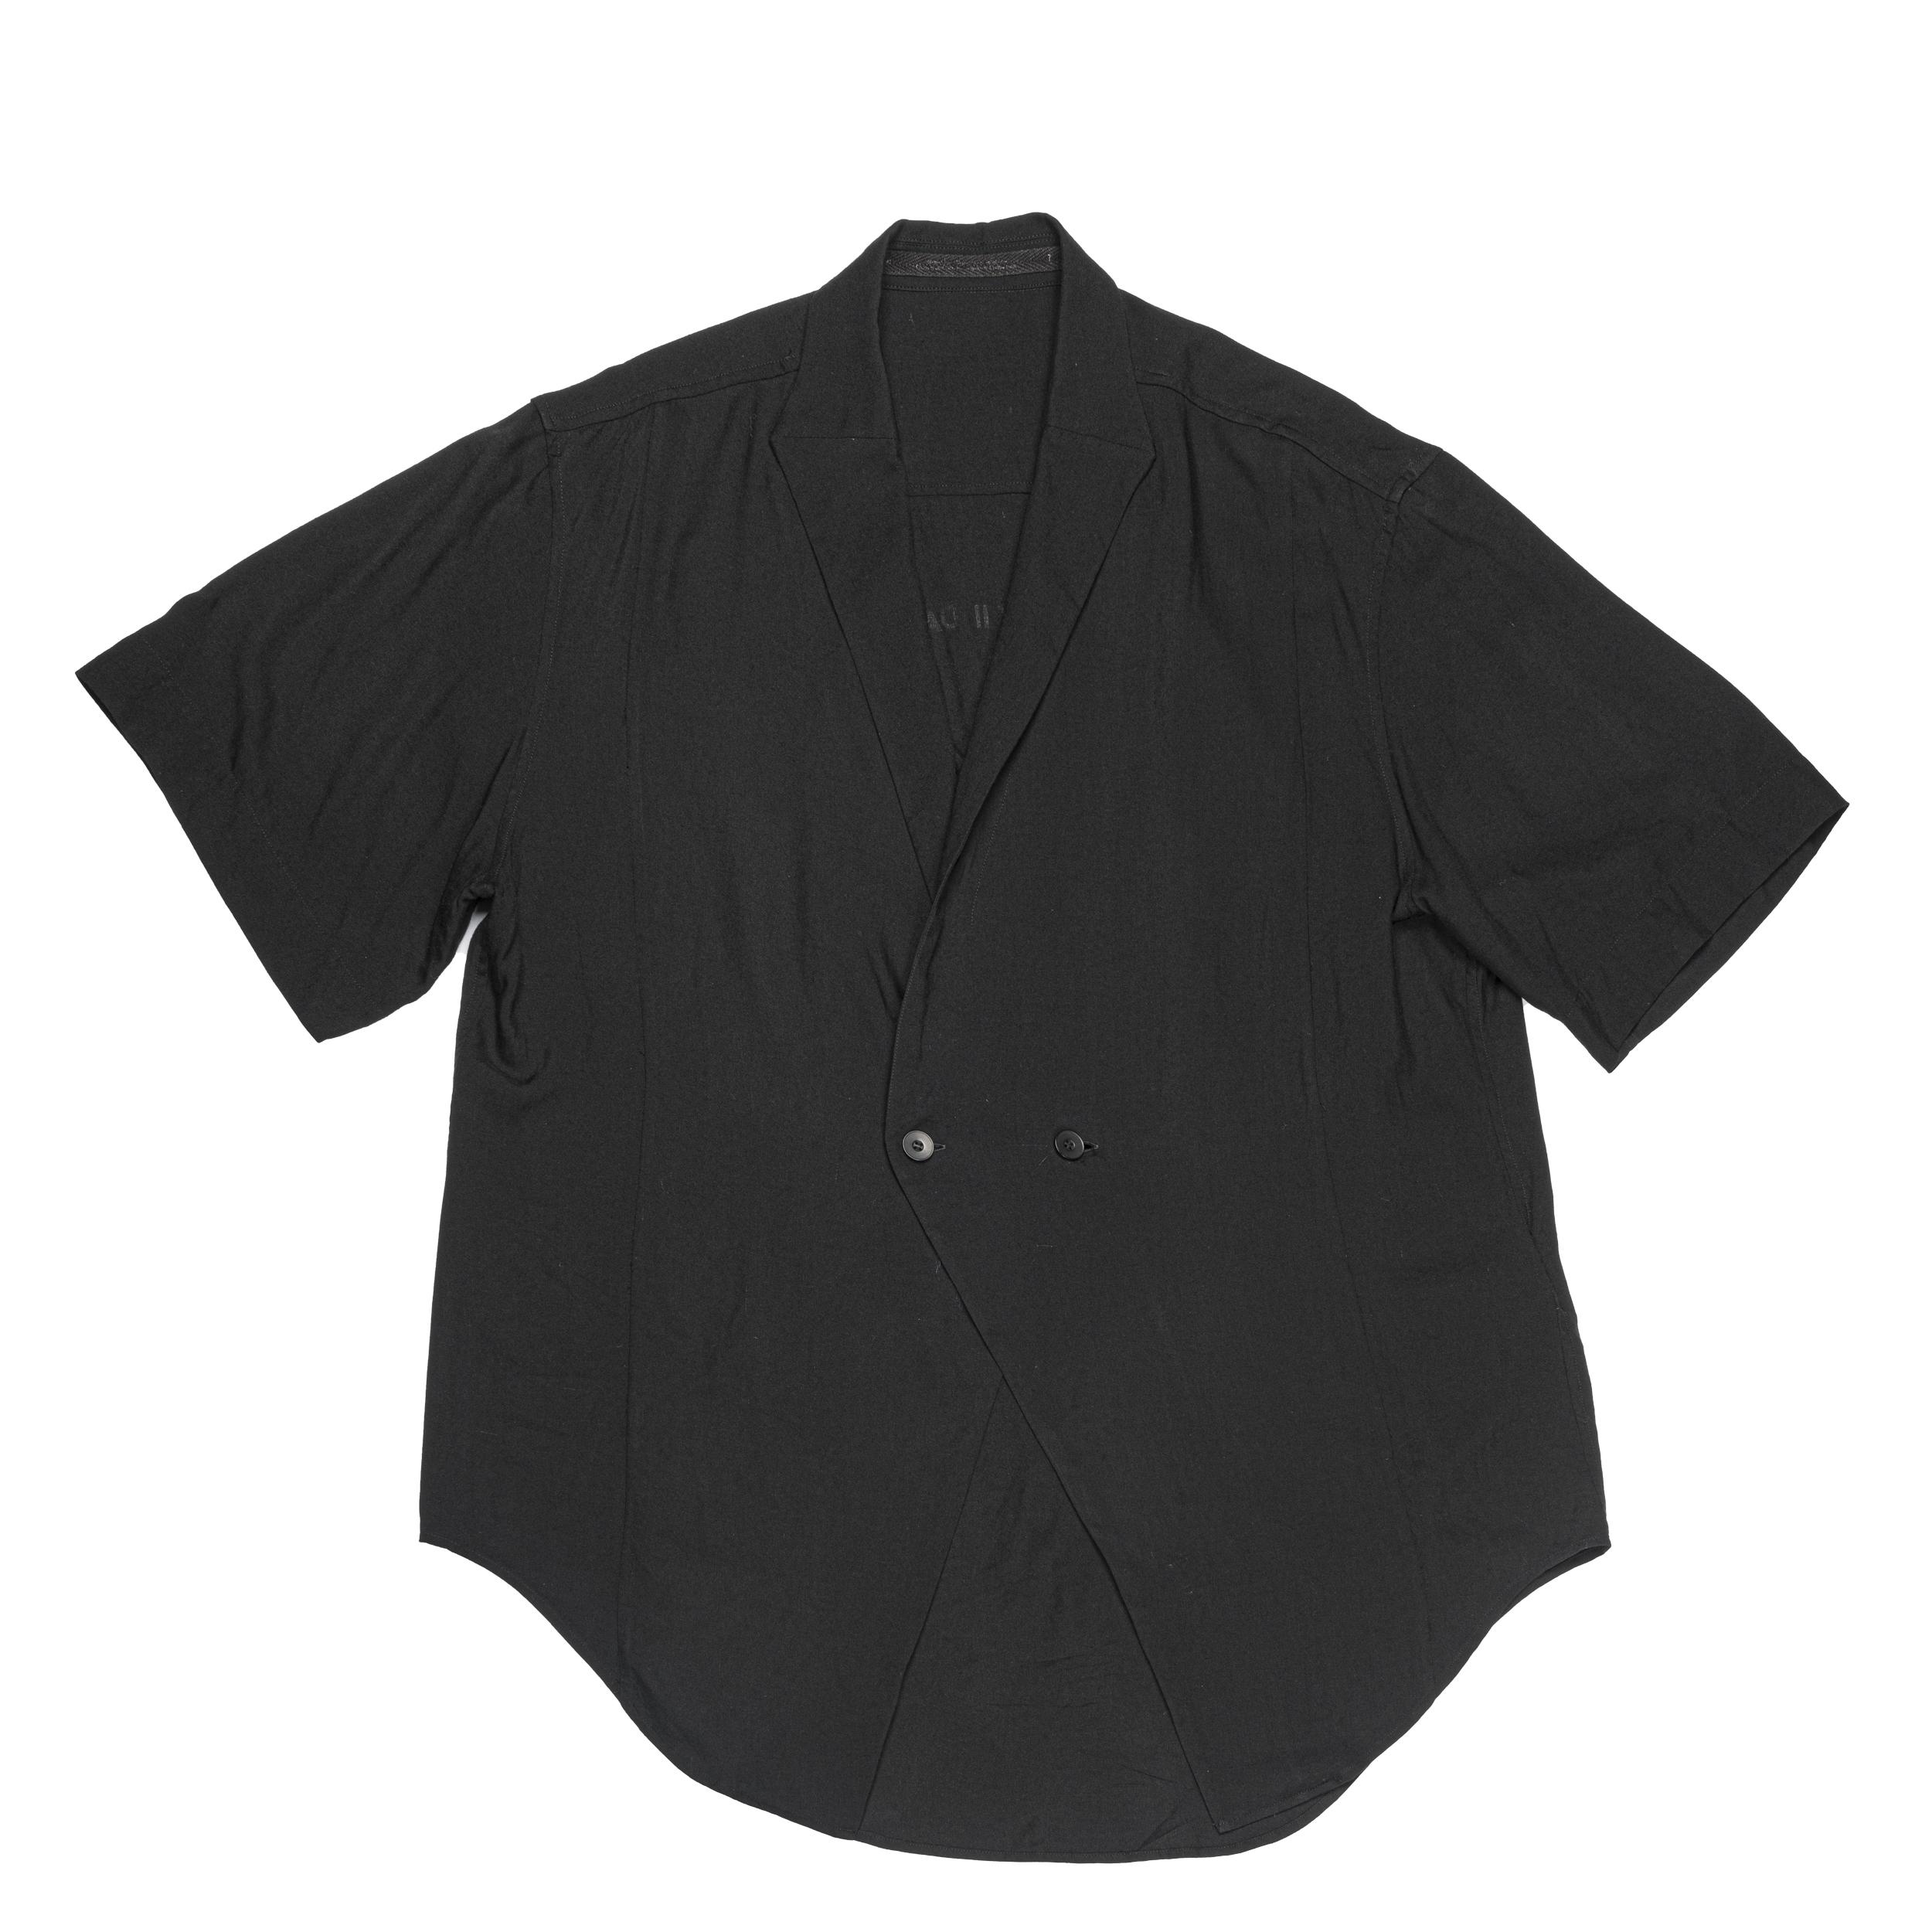 667SHM3-BLACK / ローゼンジカラーシャツ